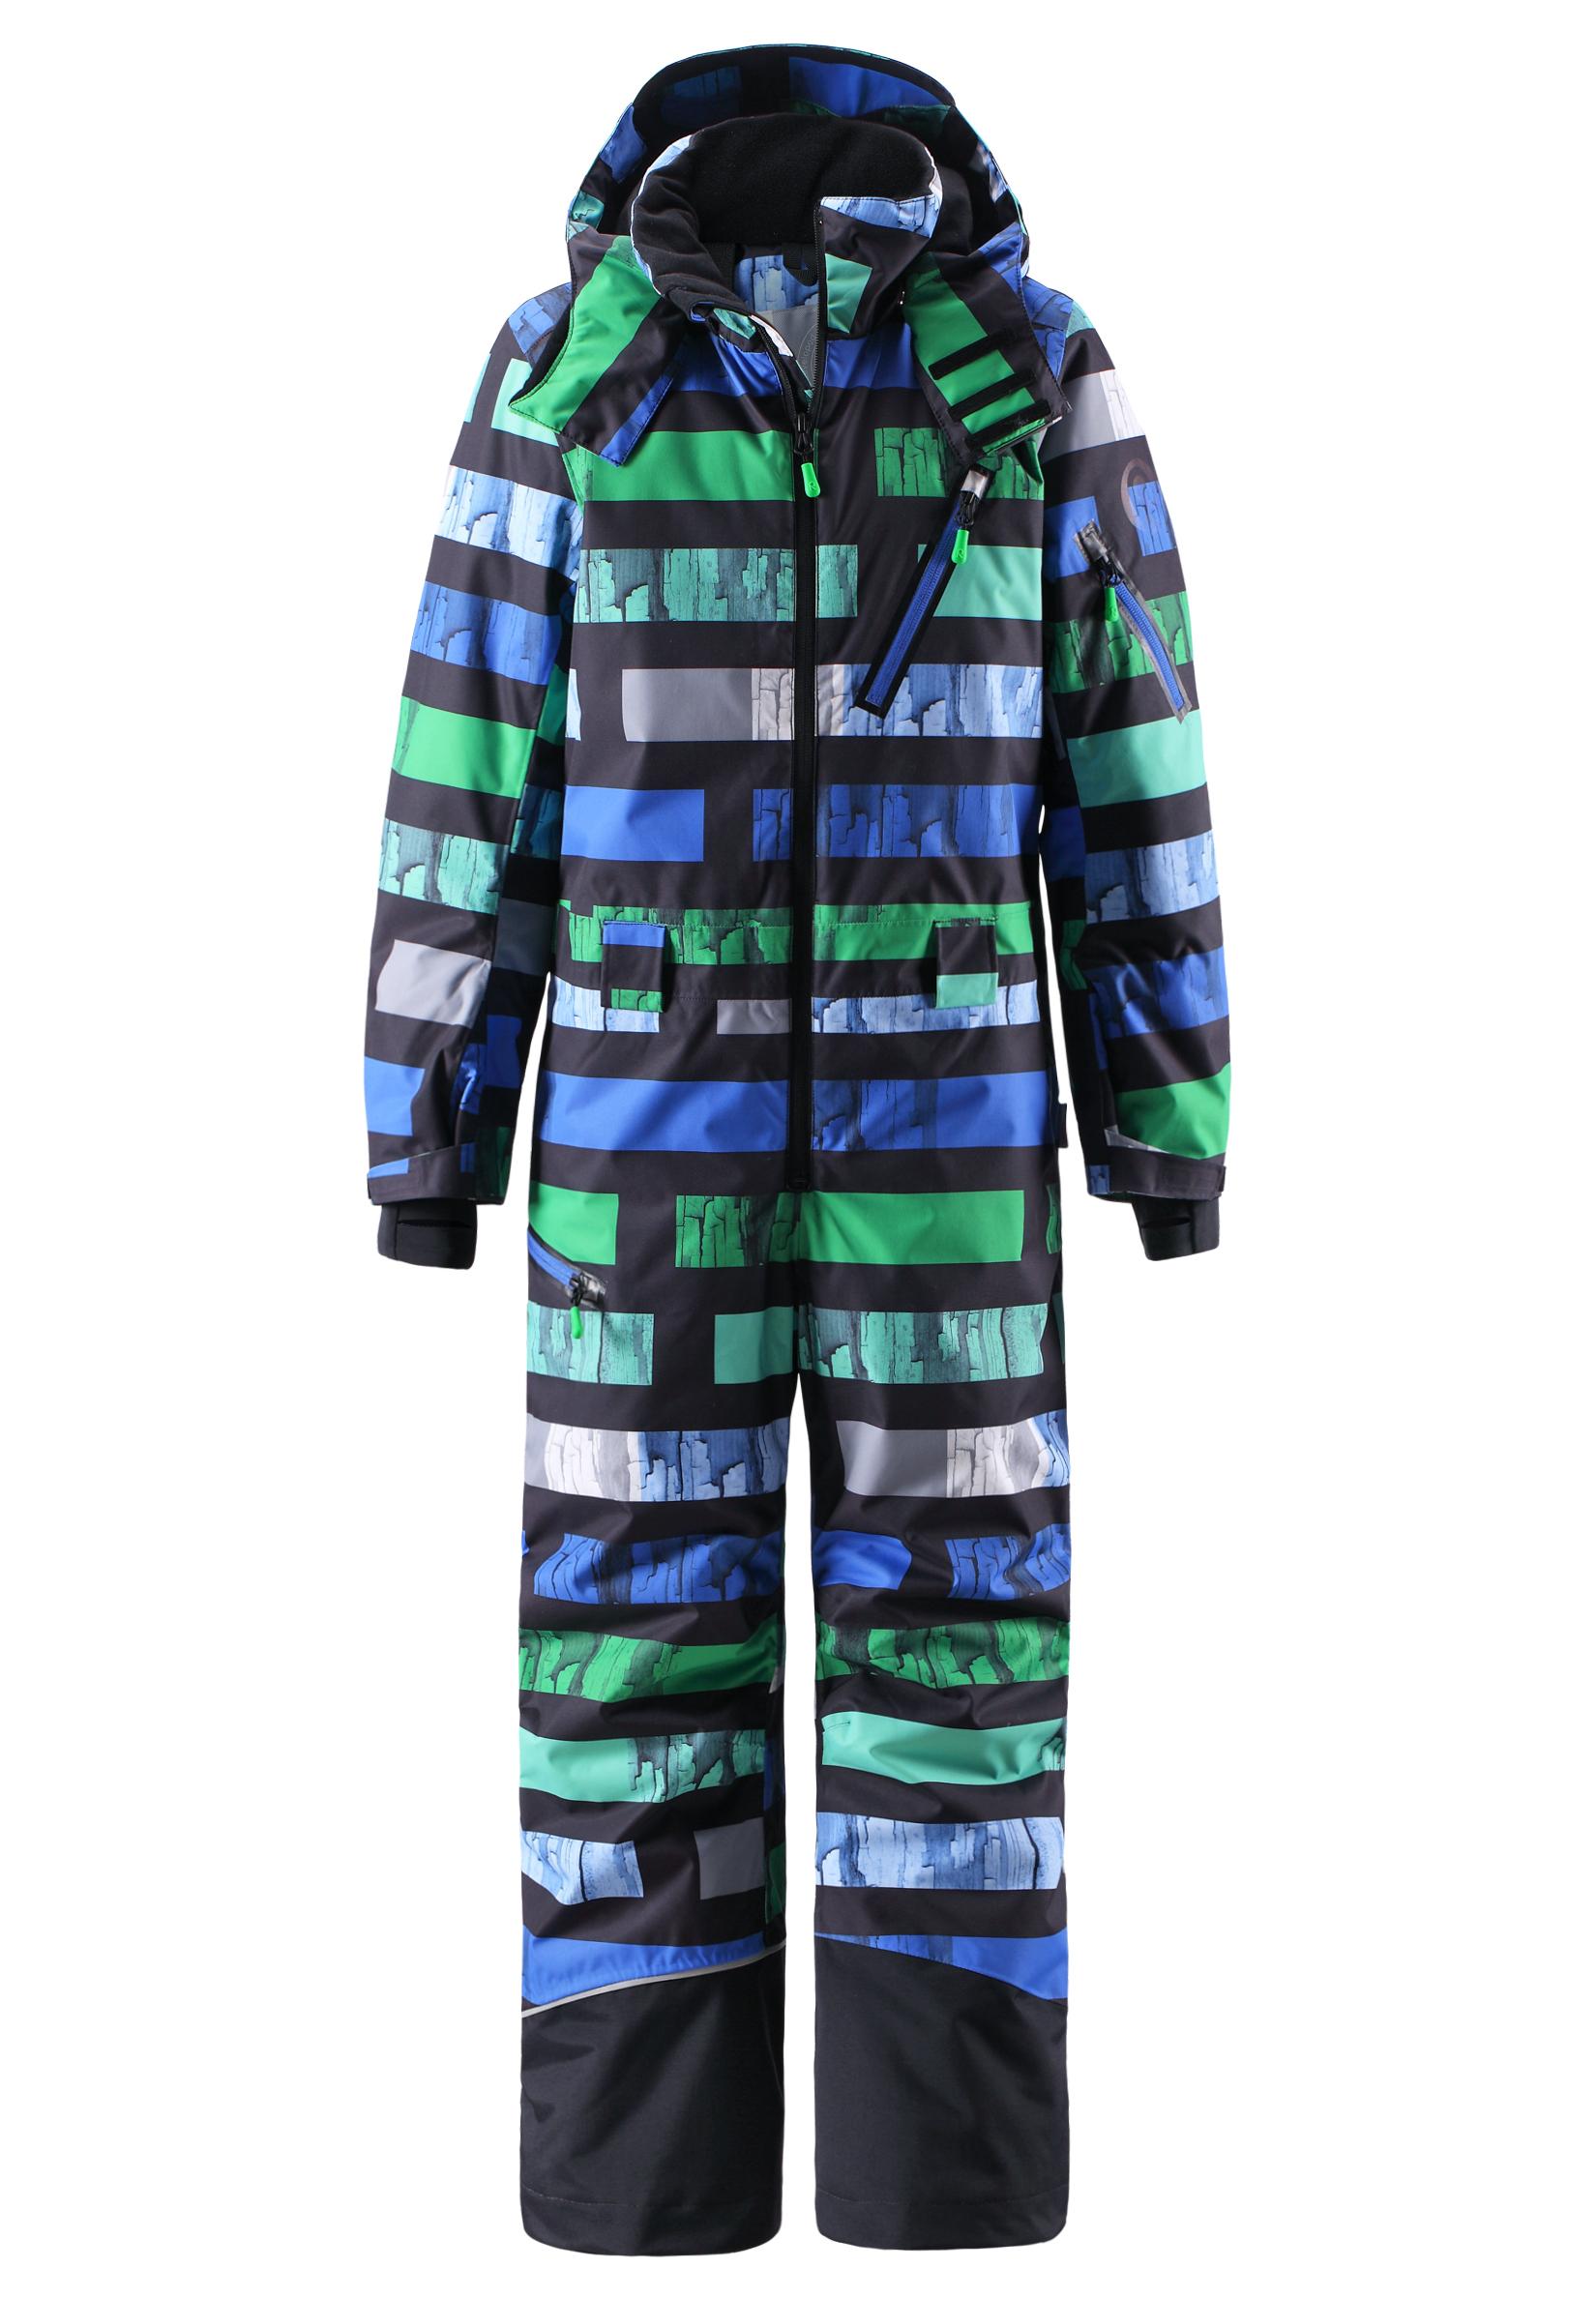 Комбинезон горнолыжный Reima 2015-16 Snowfall black Детская одежда 1197408  - купить со скидкой